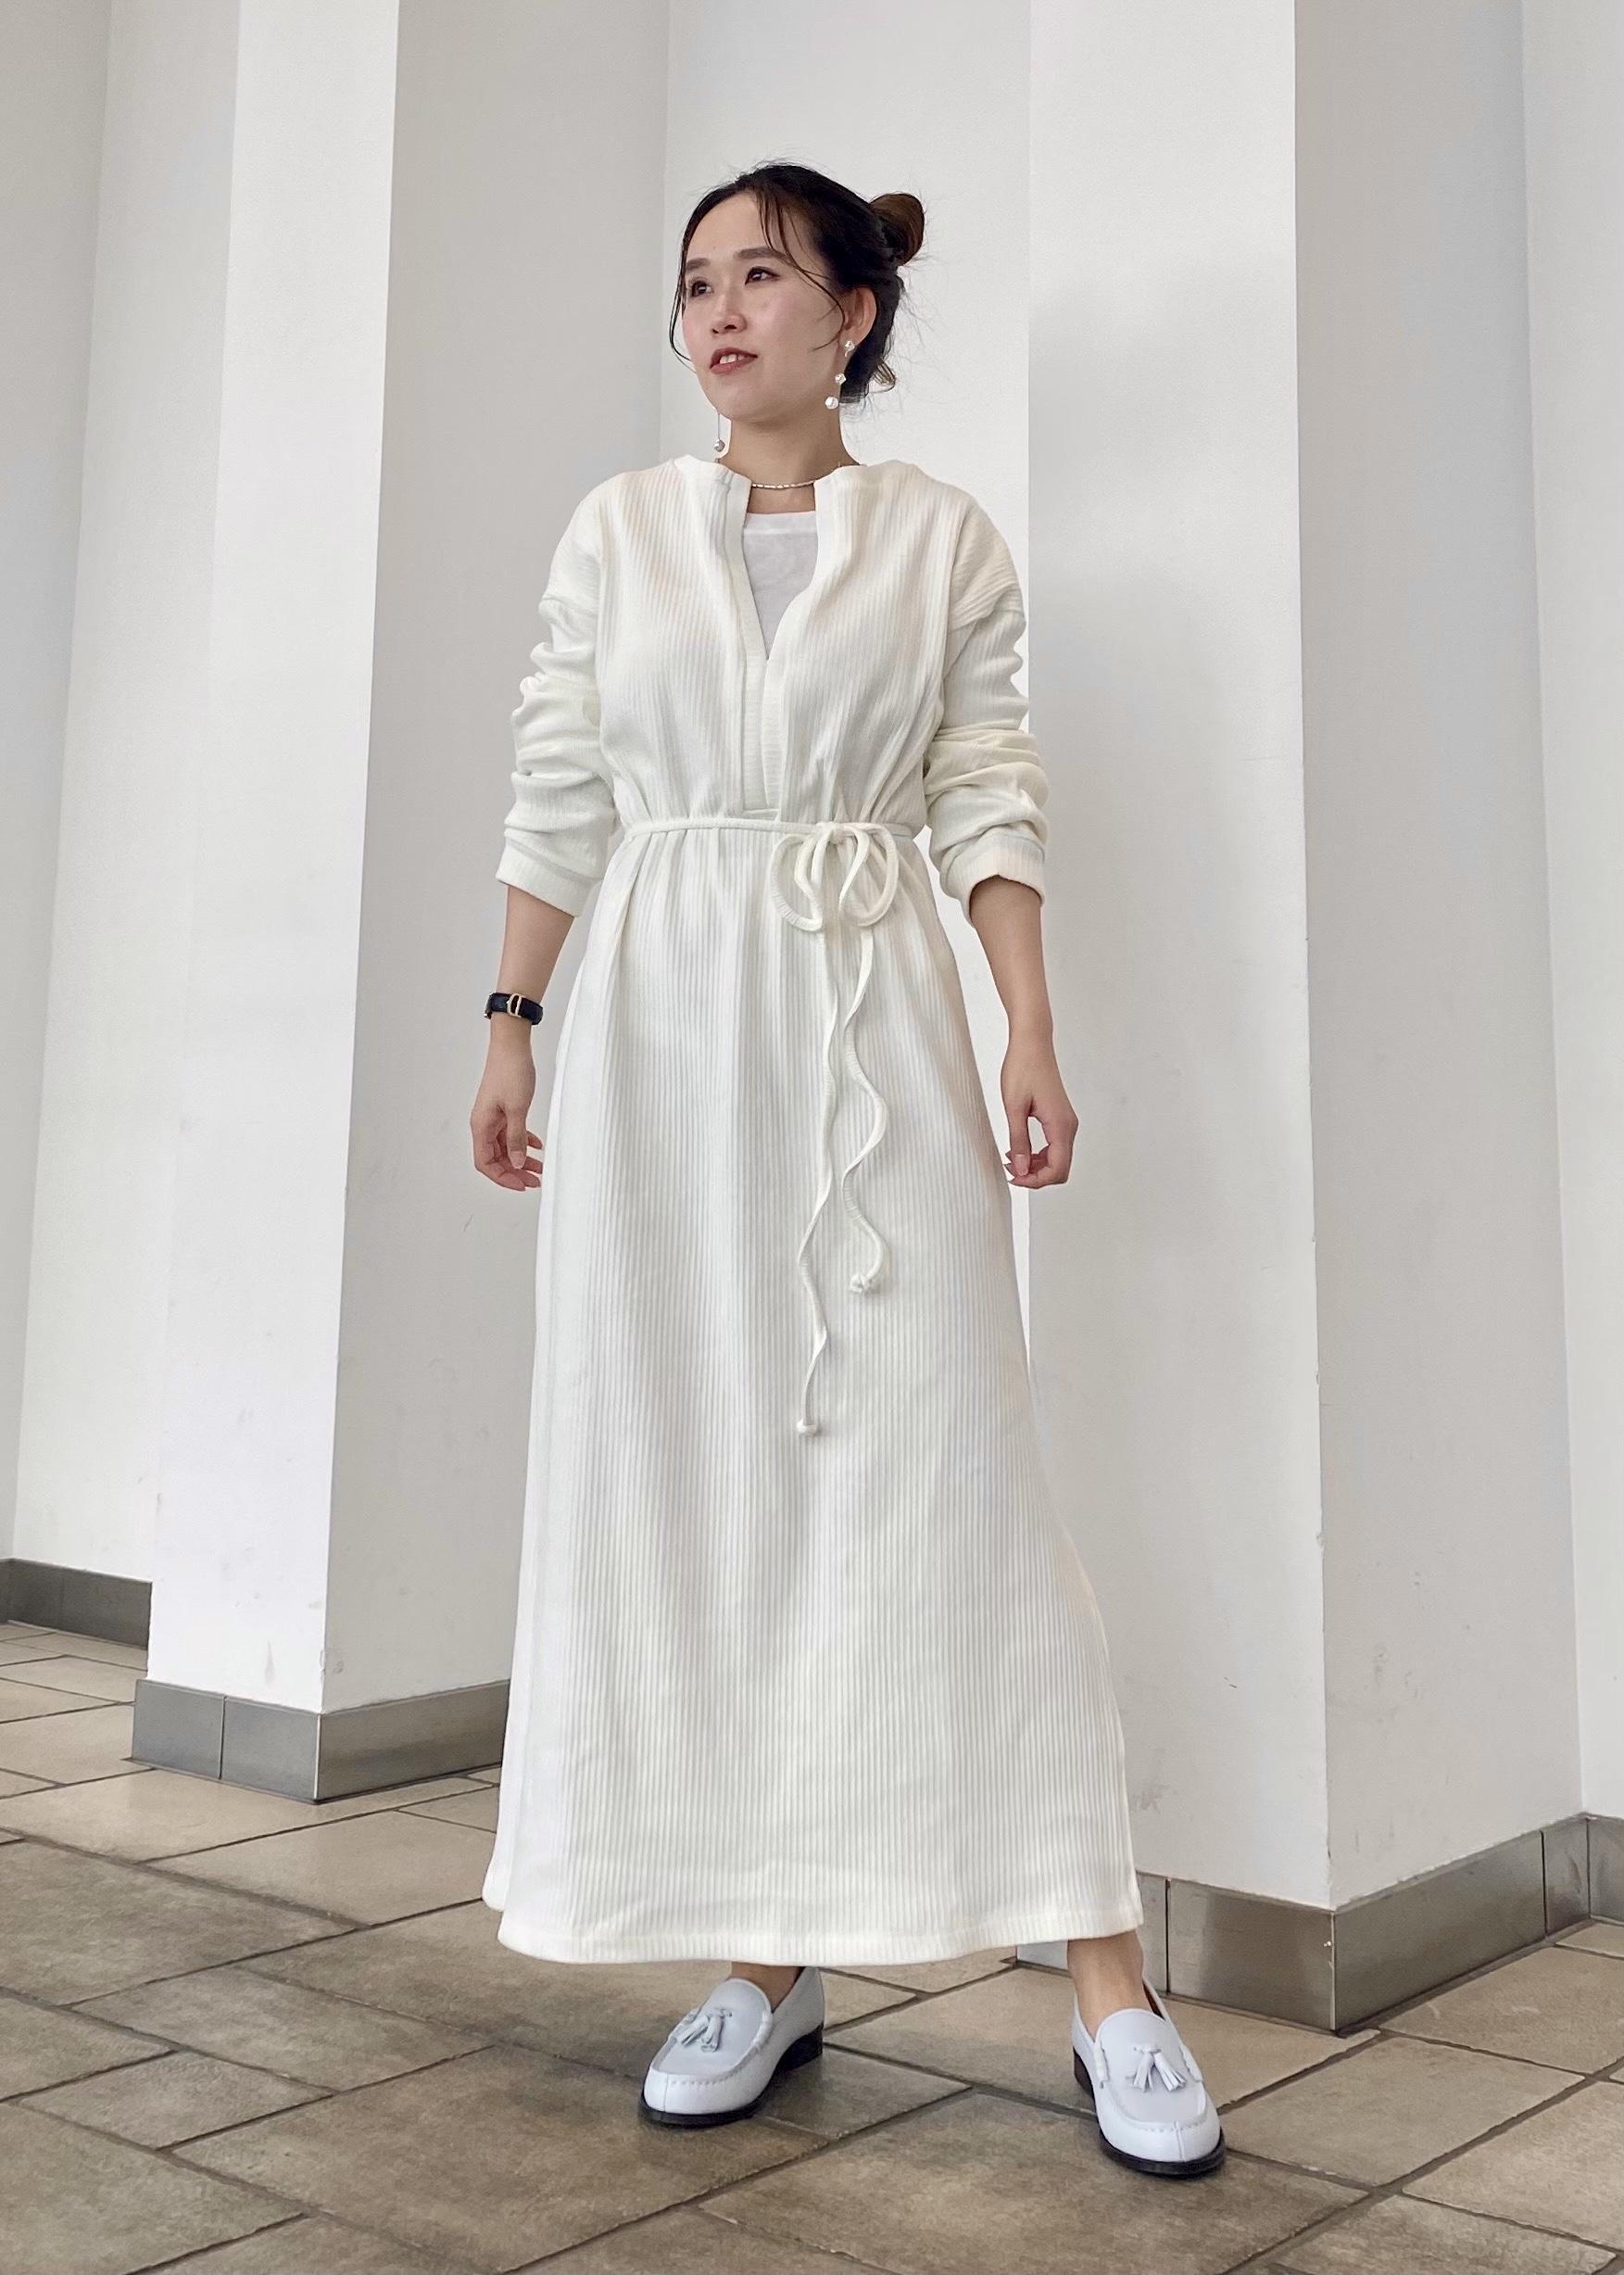 SALON adam et rope'のランダムリブワンピース[MEDI Veil]【抗菌・消臭・UVケア】を使ったコーディネートを紹介します。 Rakuten Fashion(楽天ファッション/旧楽天ブランドアベニュー)1094416